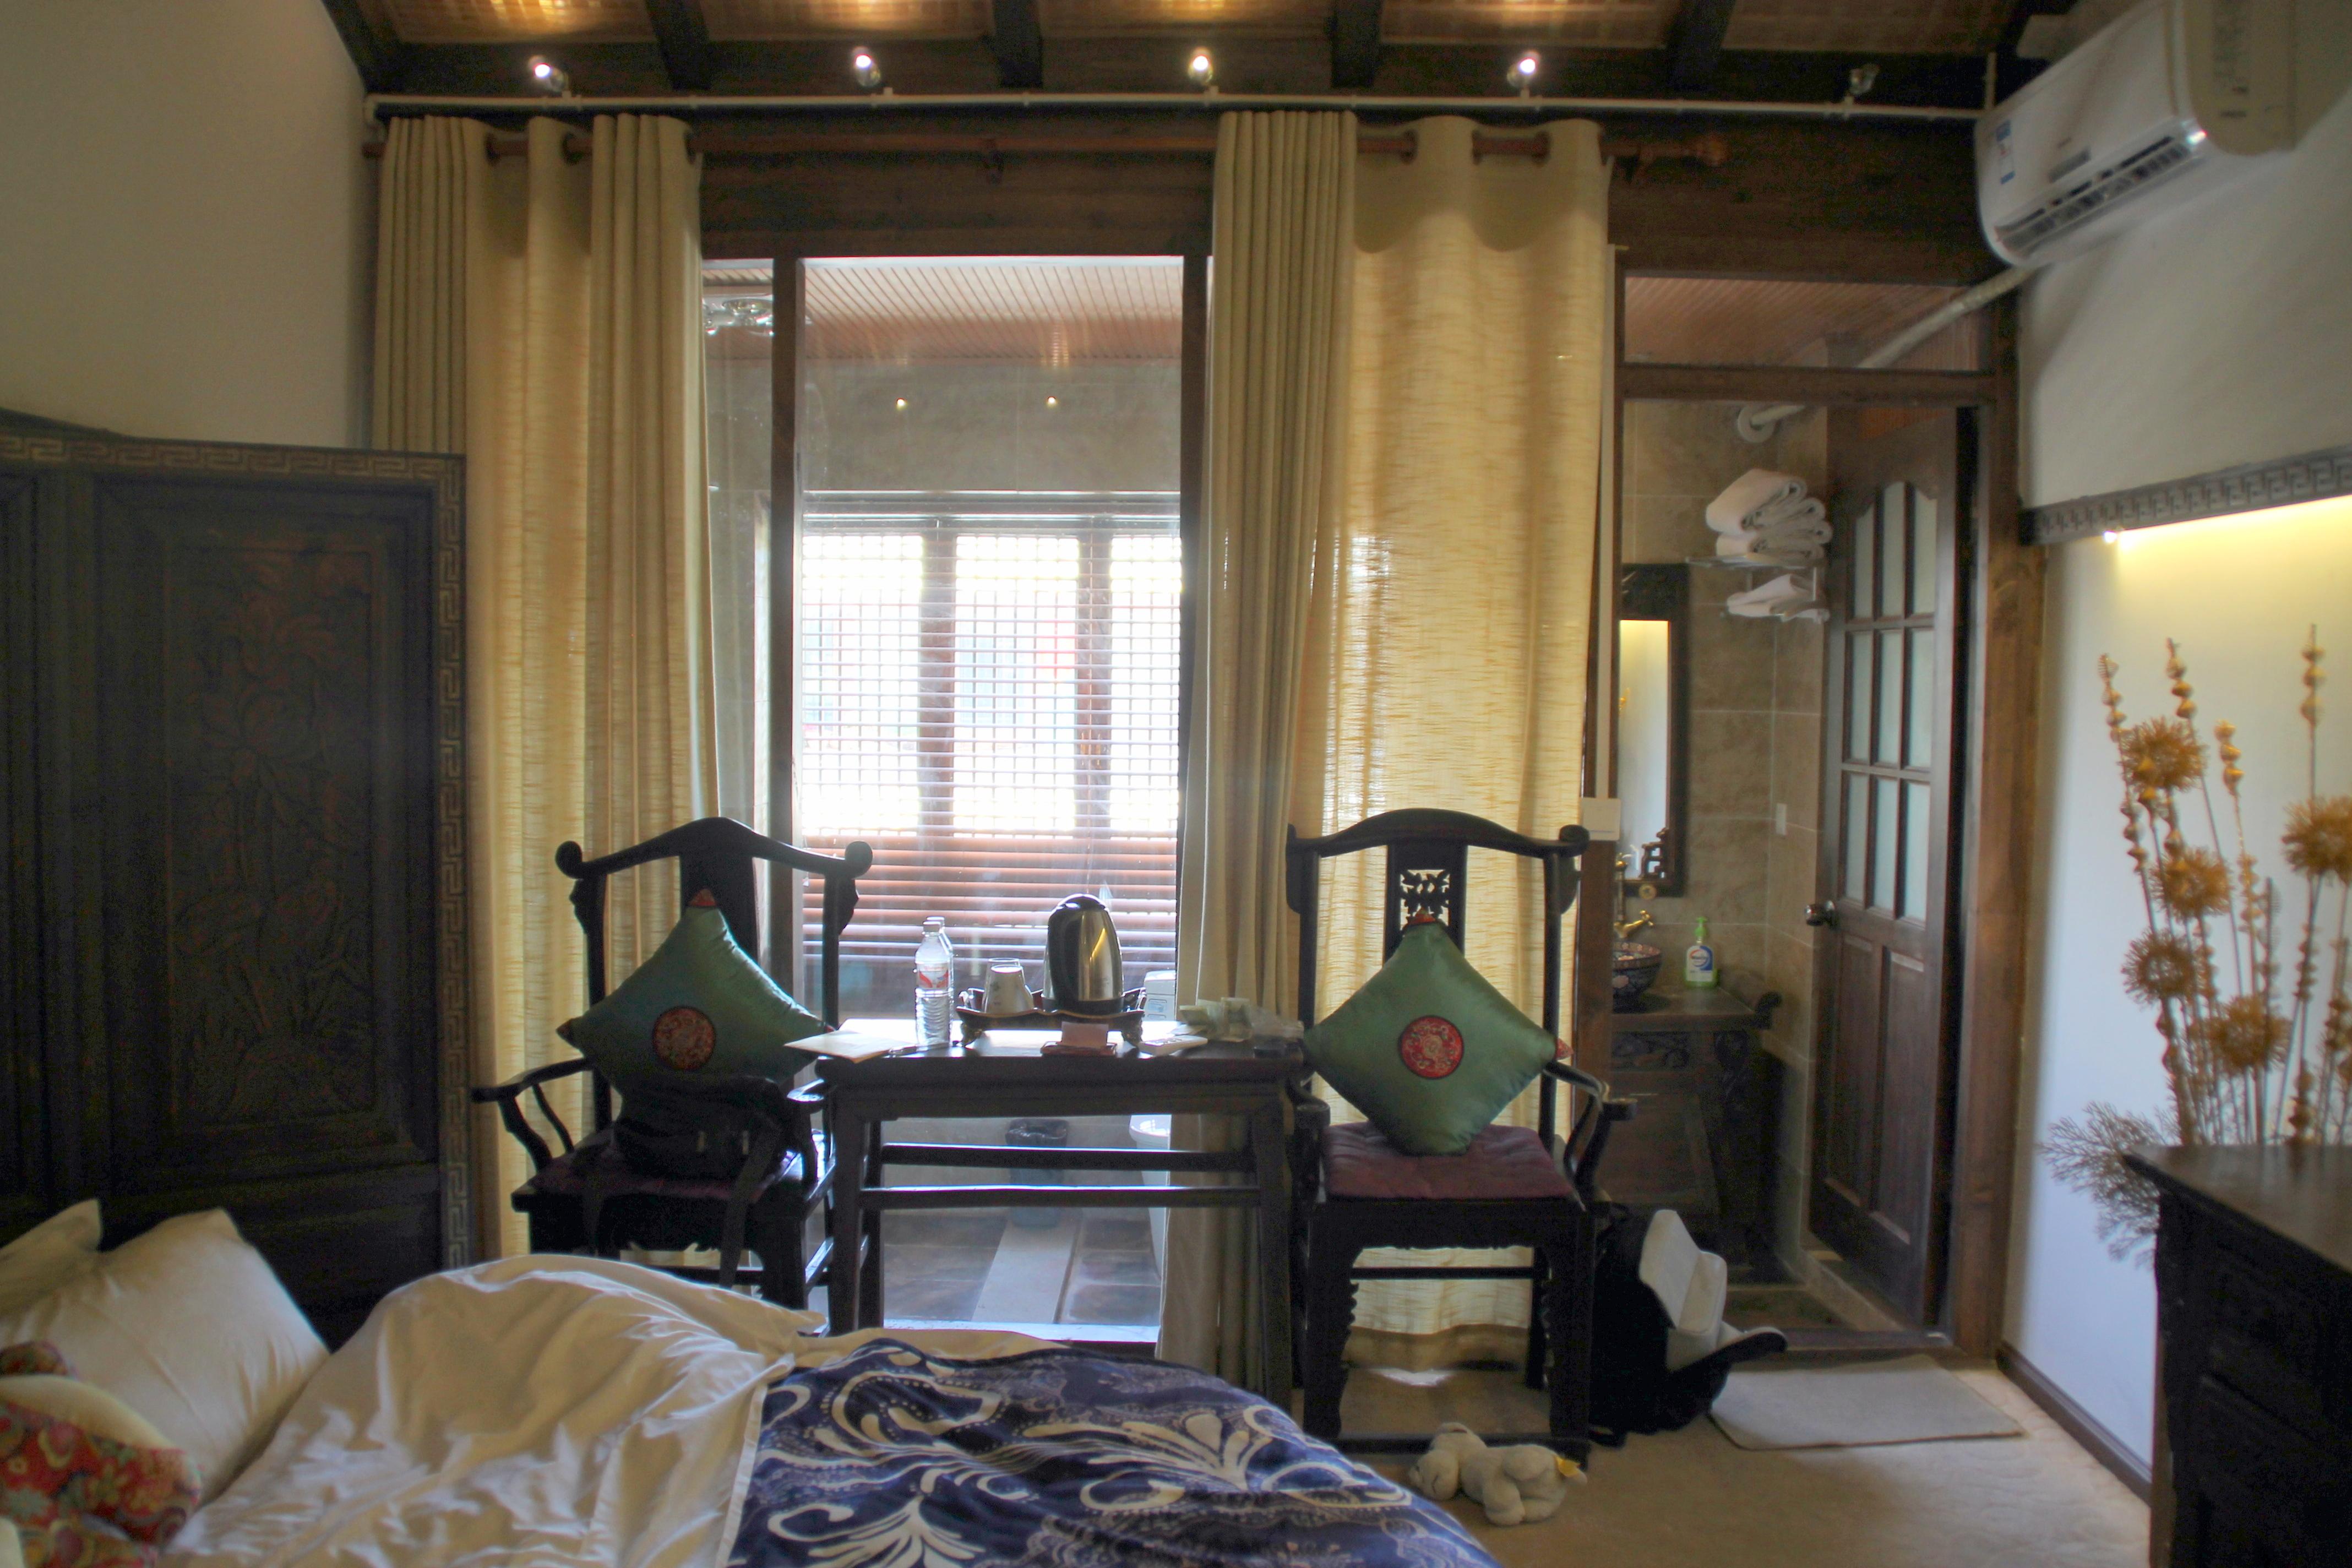 xi tang exquisite hotel lijiang window